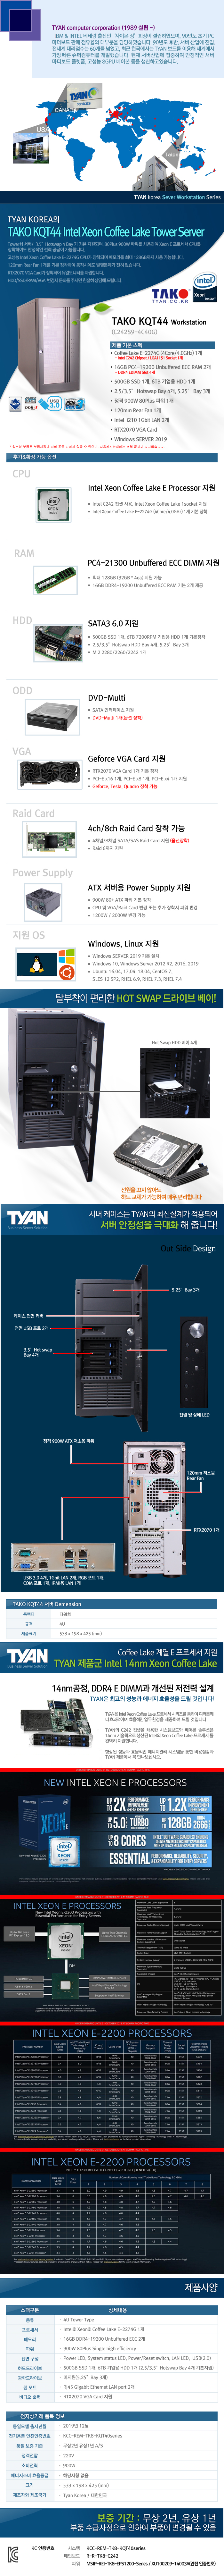 TYAN TAKO-KQT44-(C242S9-4C40G) (32GB, SSD 500GB + 6TB)